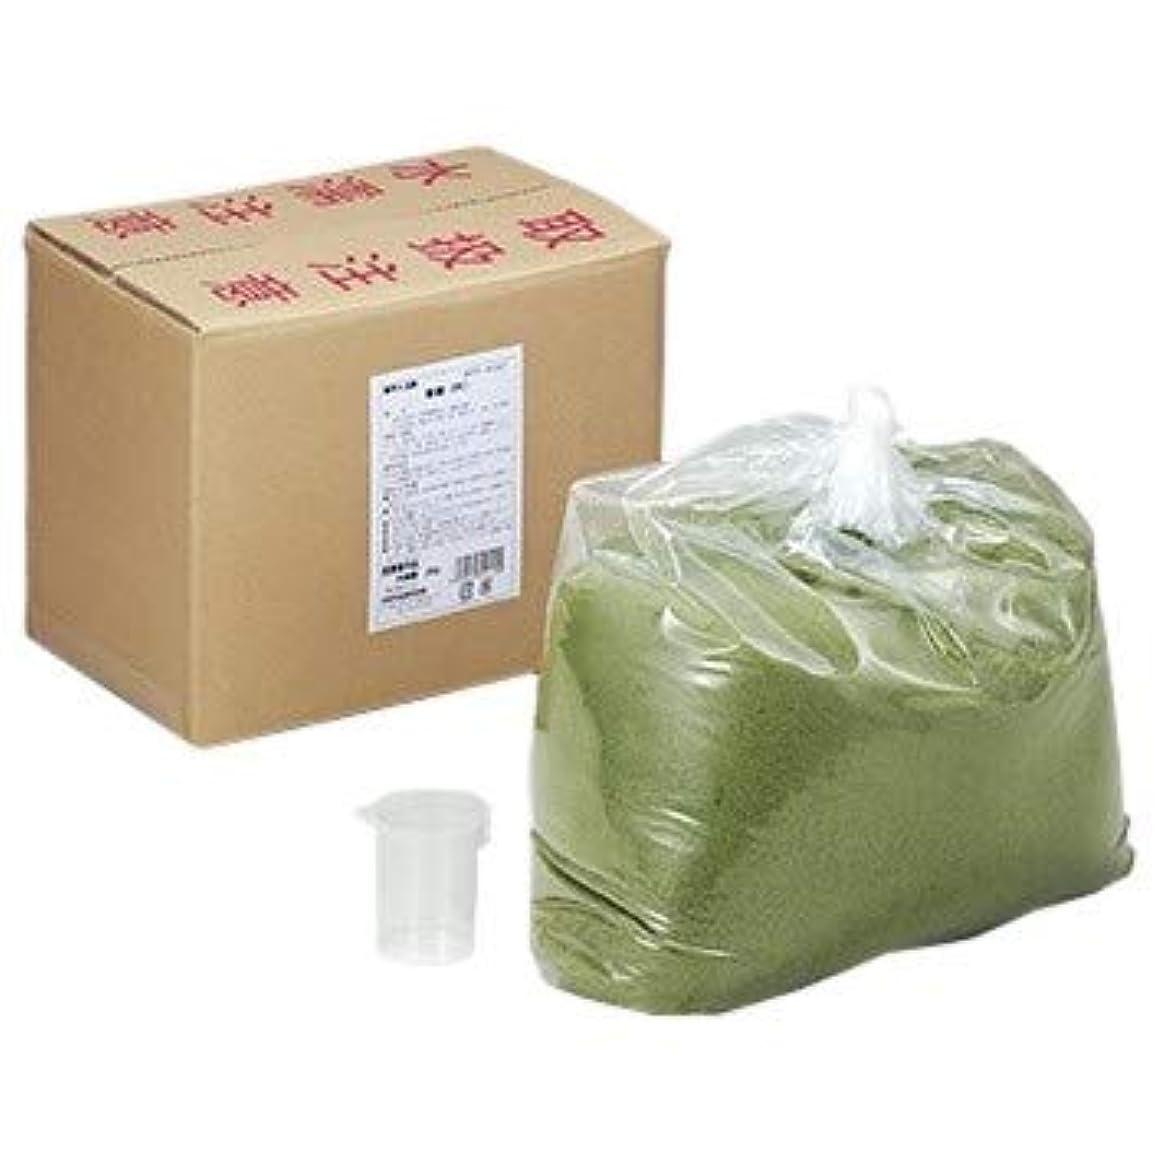 に向けて出発ポルティコ高原新緑 業務用 20kg 入浴剤 医薬部外品